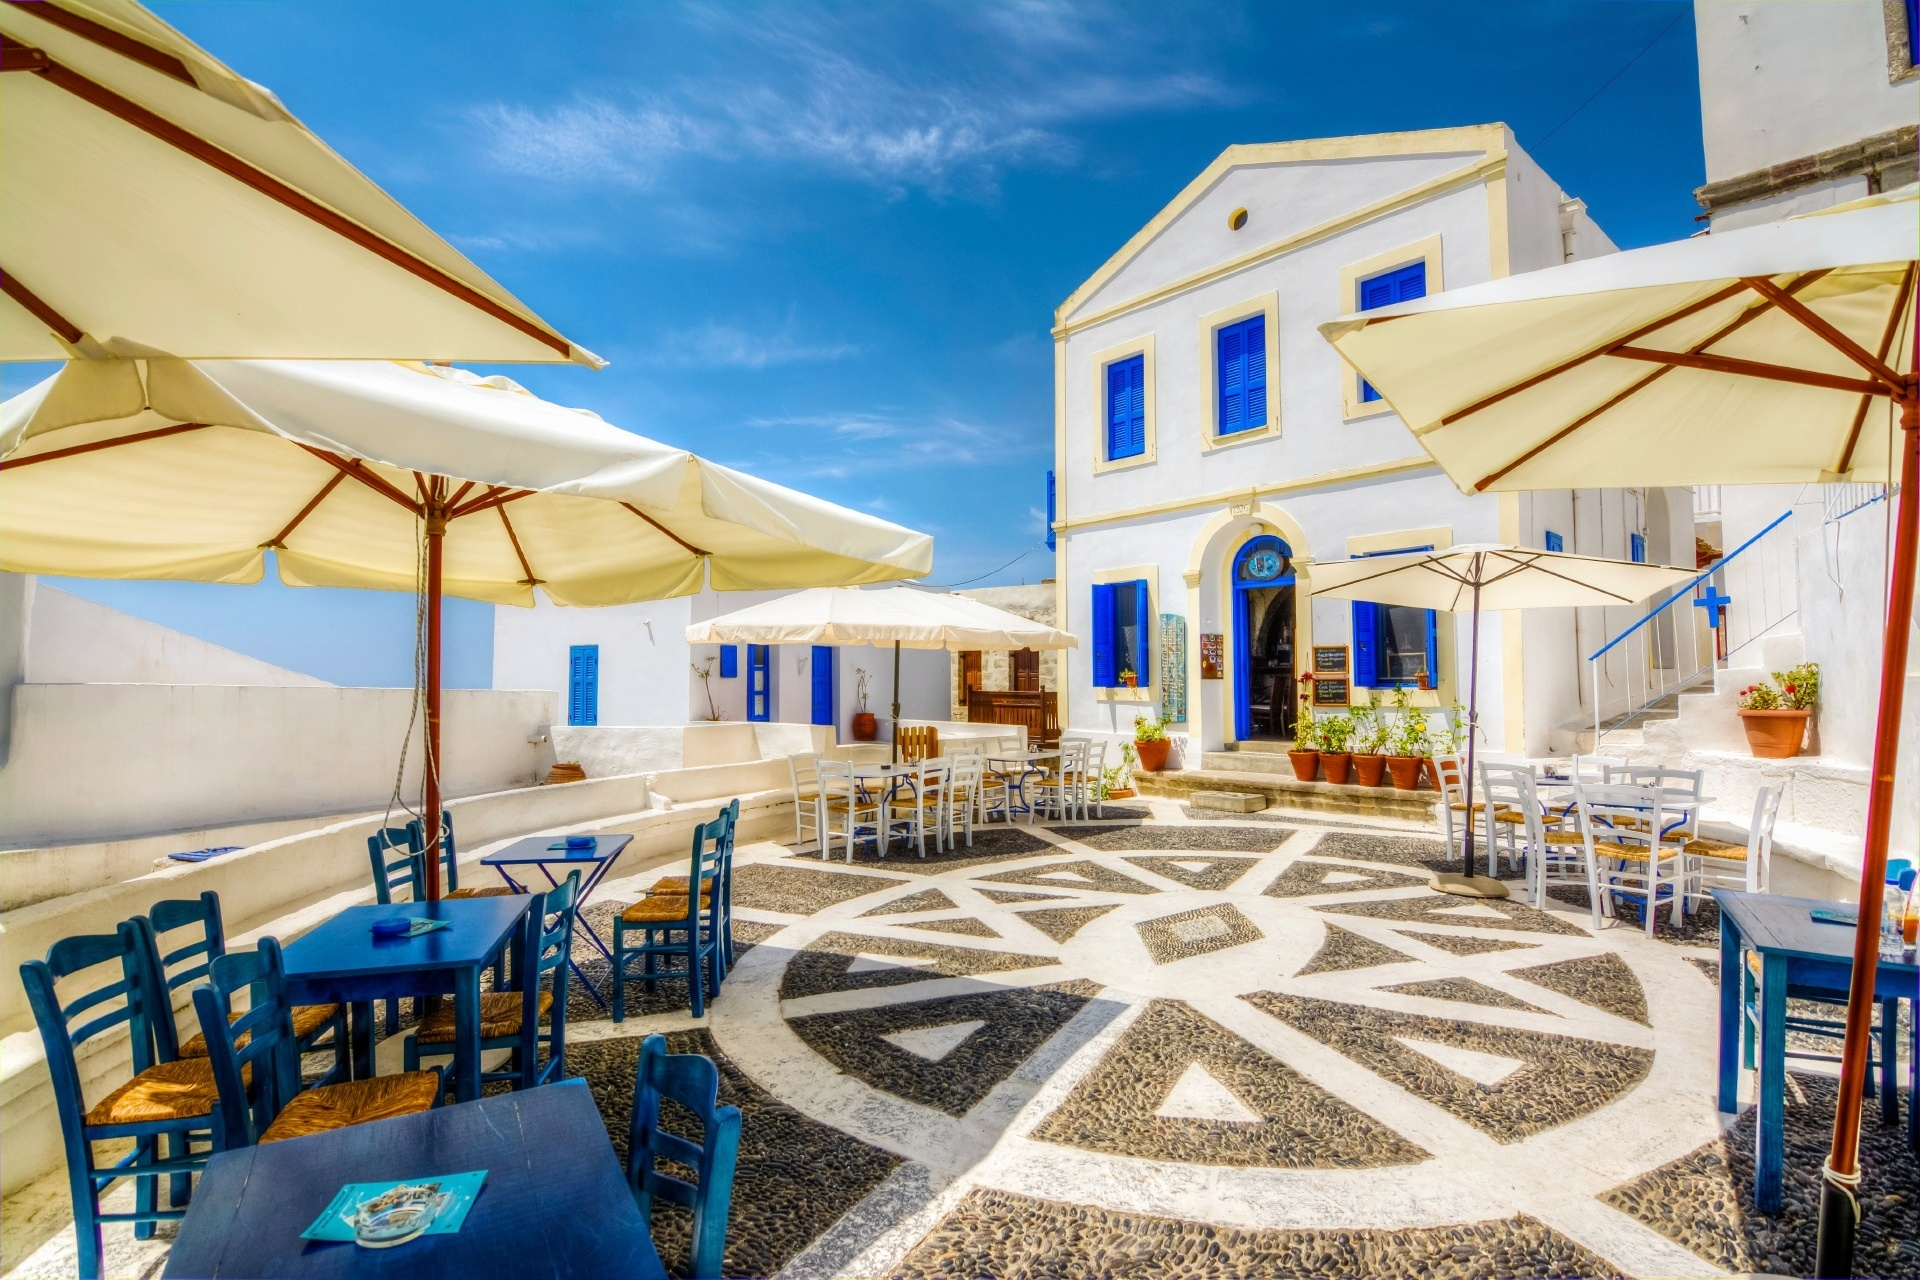 ニシロス島ニキアの風景 ギリシャの風景